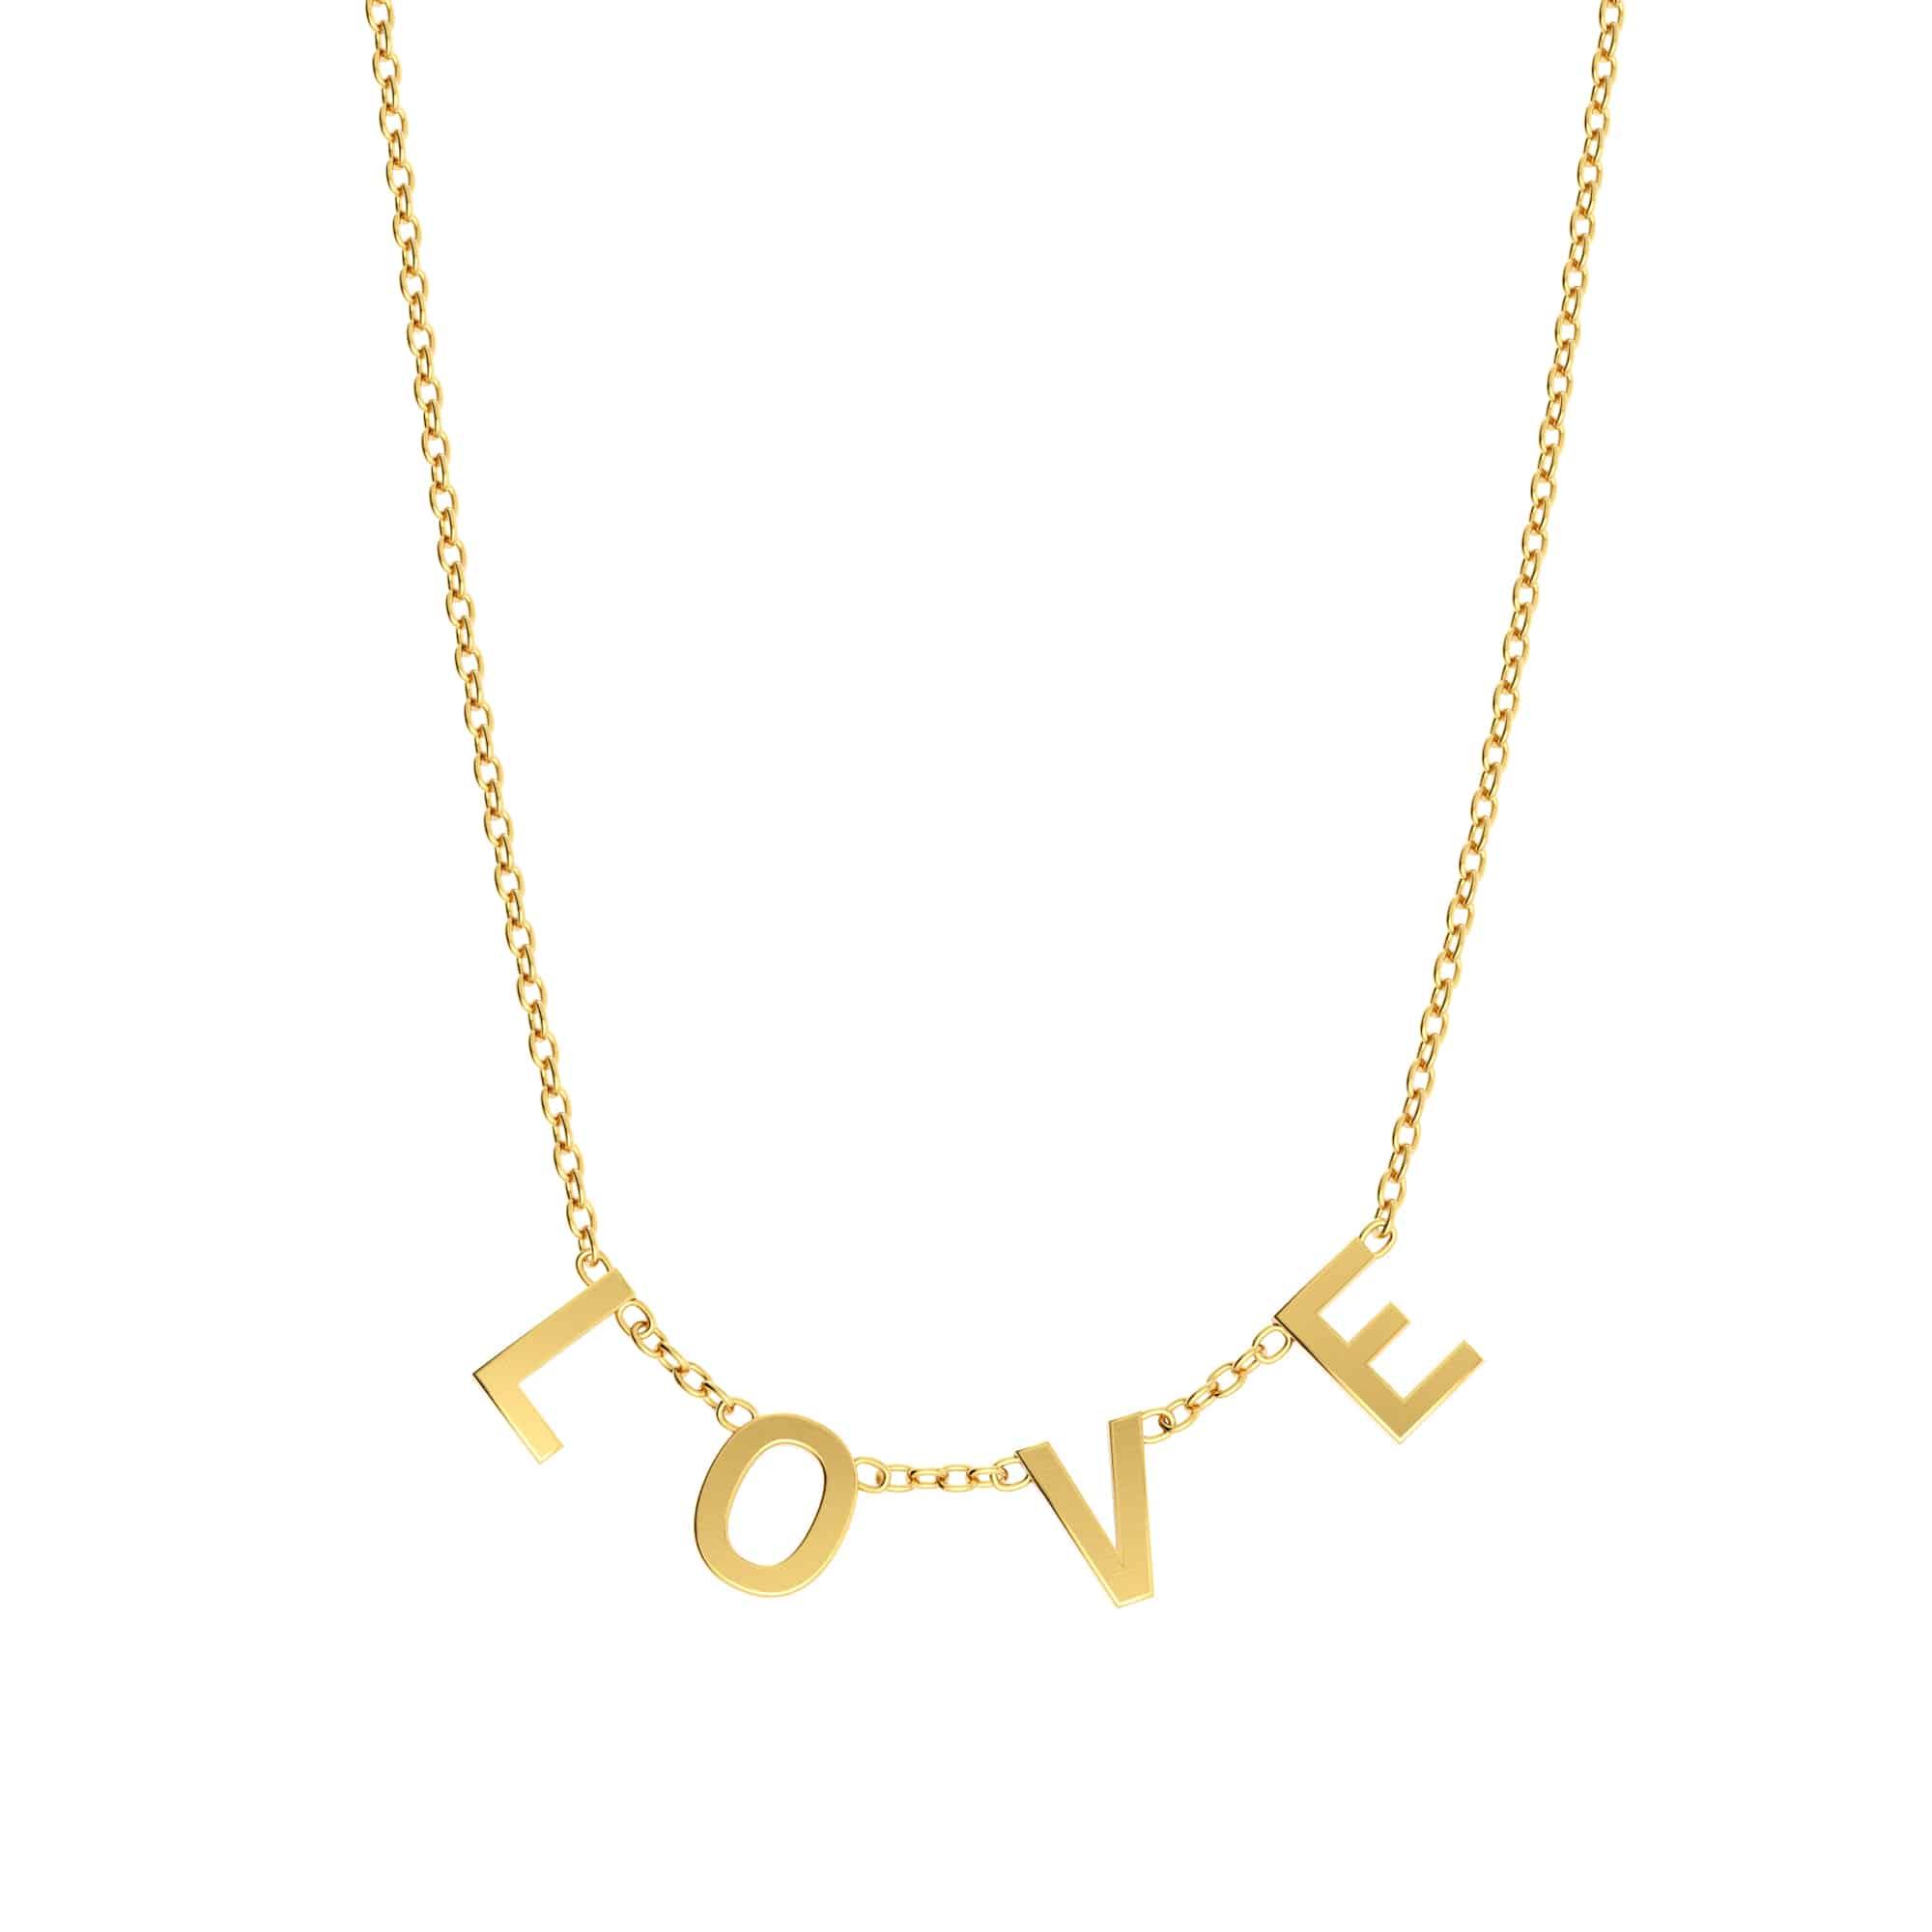 Collier 4 lettres personnalisées - Or jaune 18 carats